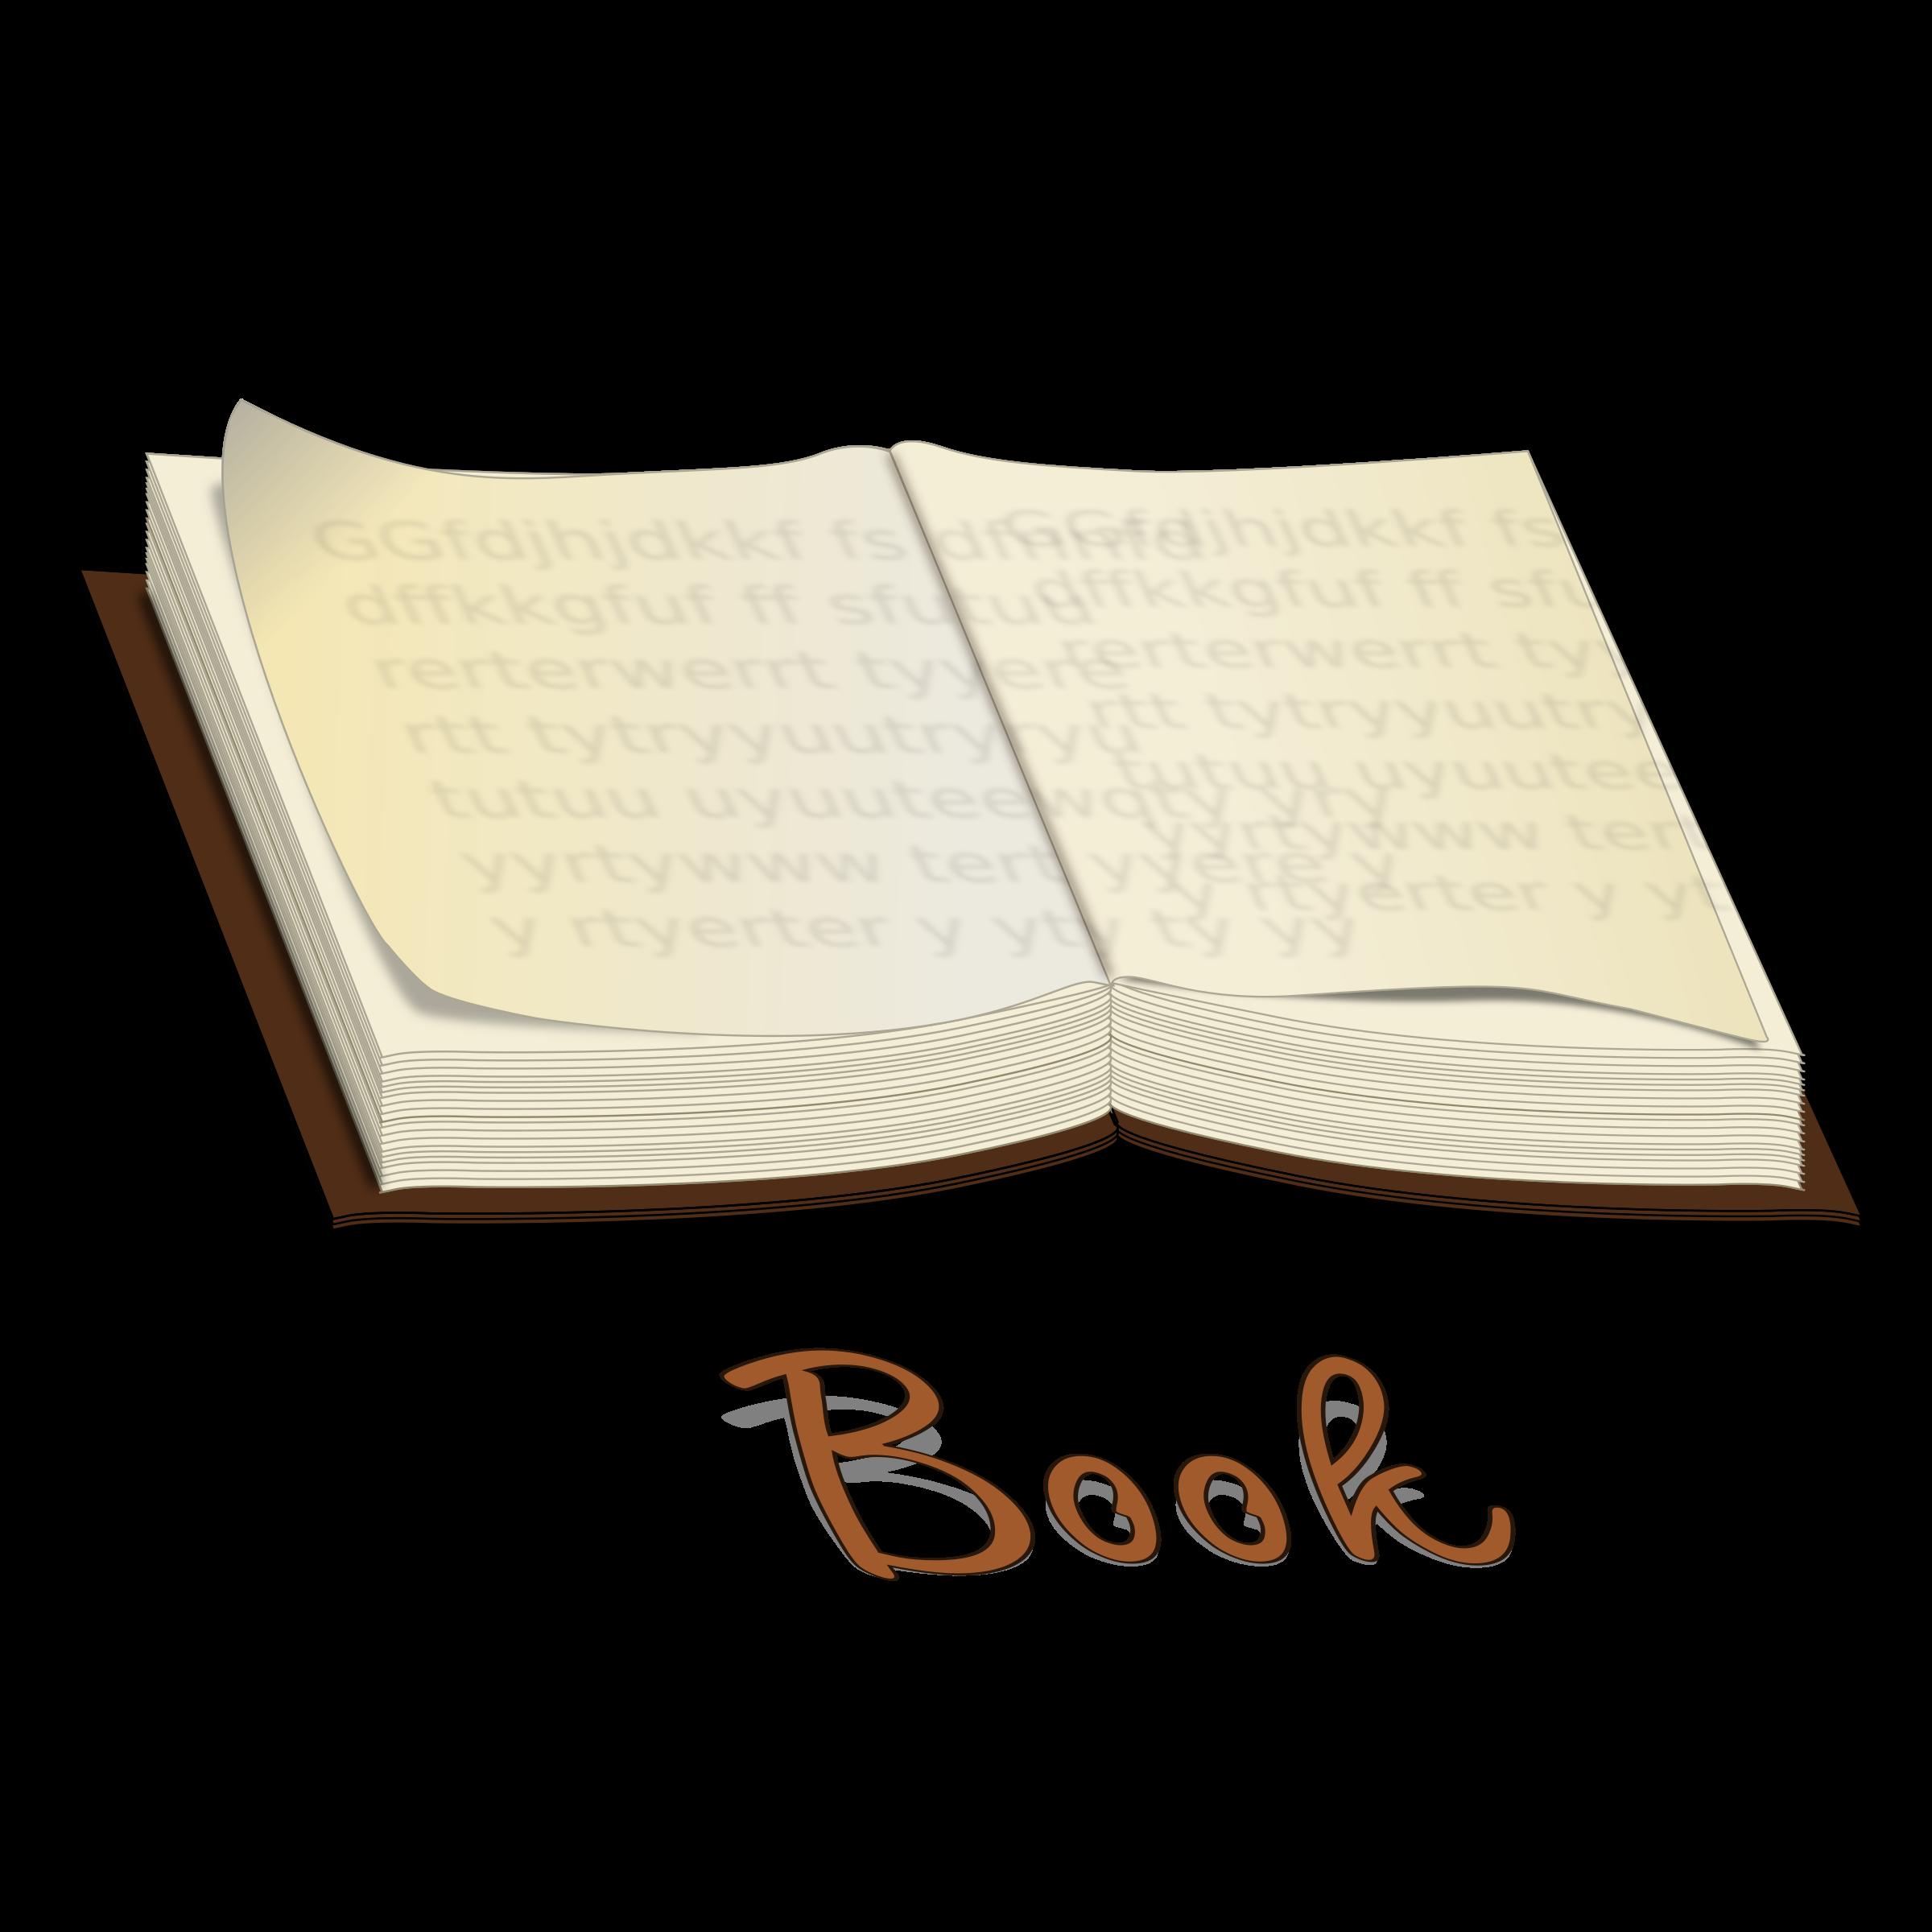 Book vector clipart stock Clipart - Vector Book stock